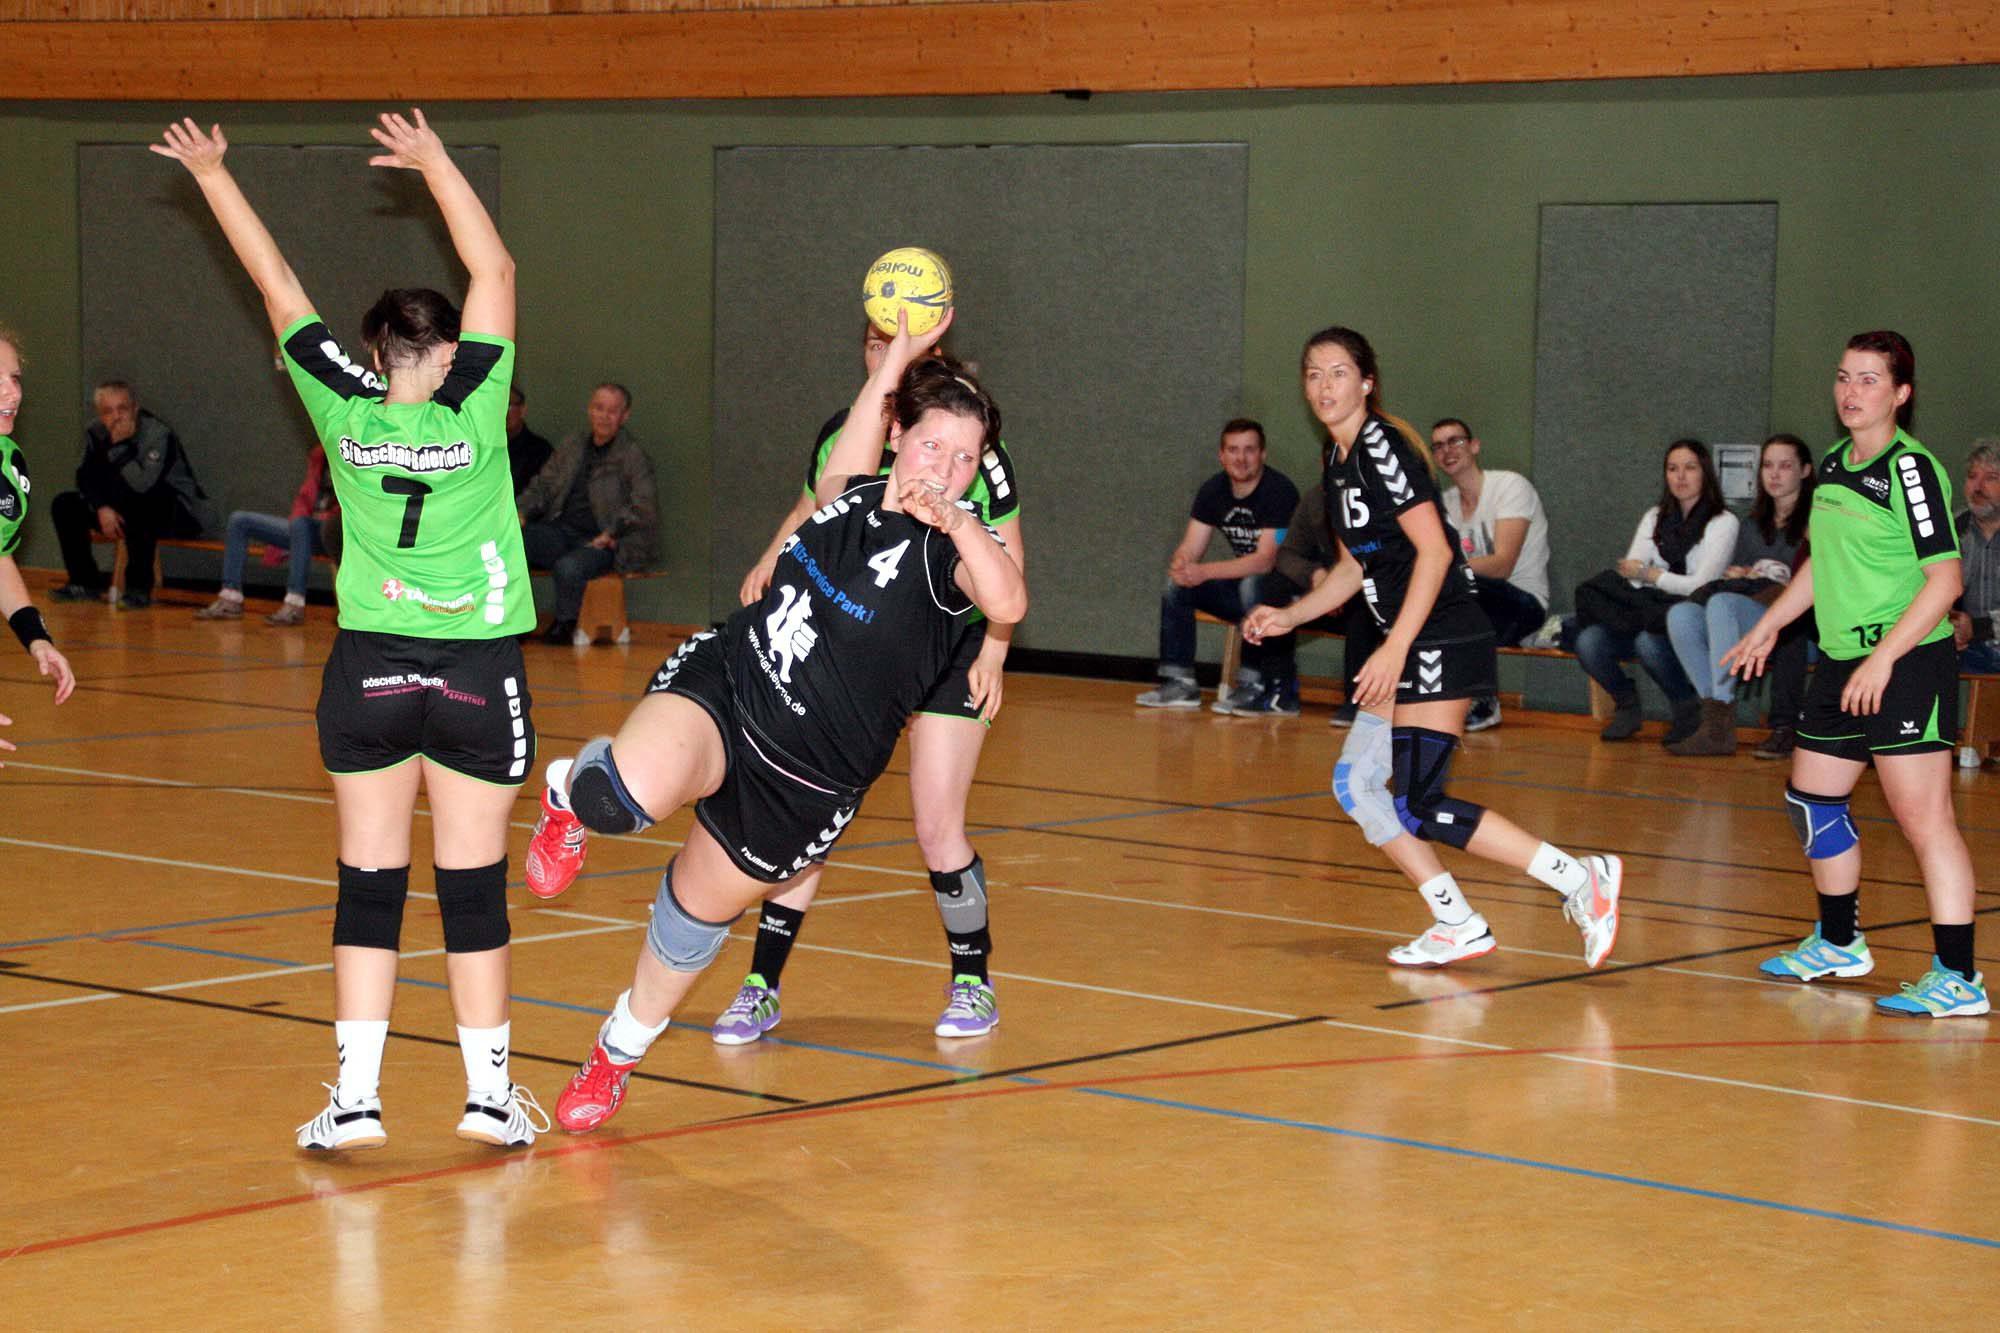 Handball Verbandsliga Sachsen